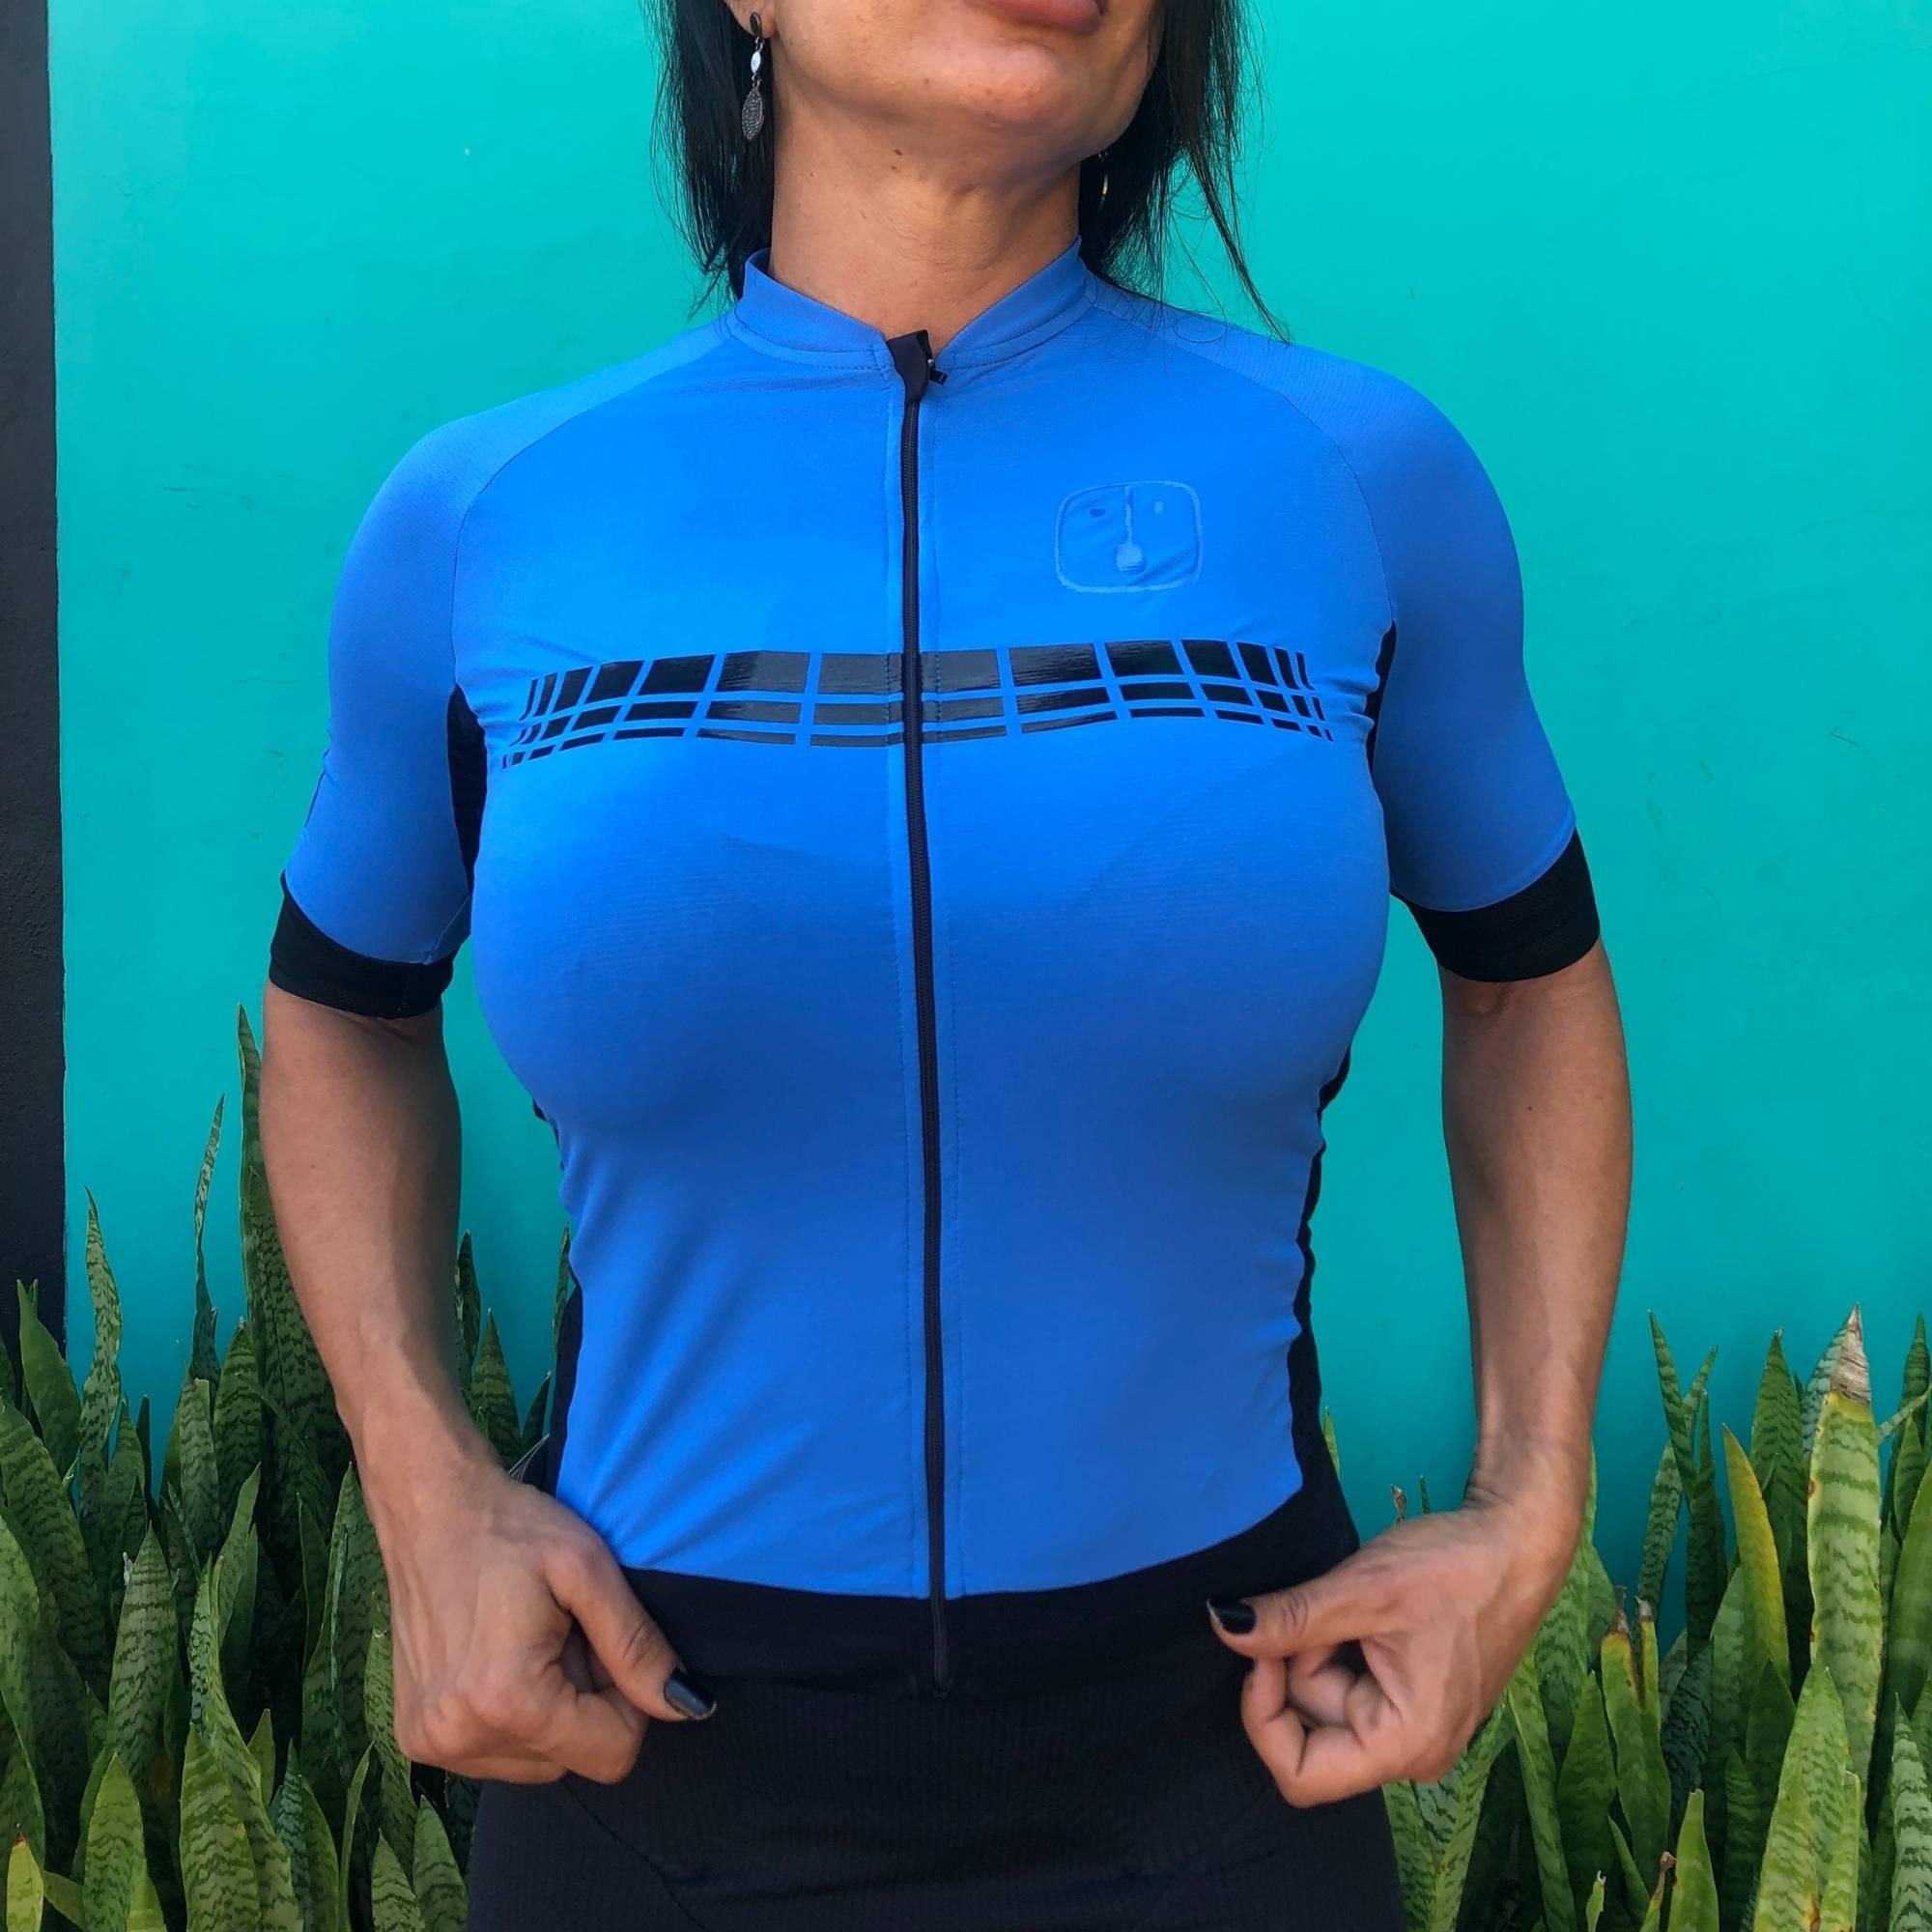 Camisa Ciclismo Racing Blue - Feminina